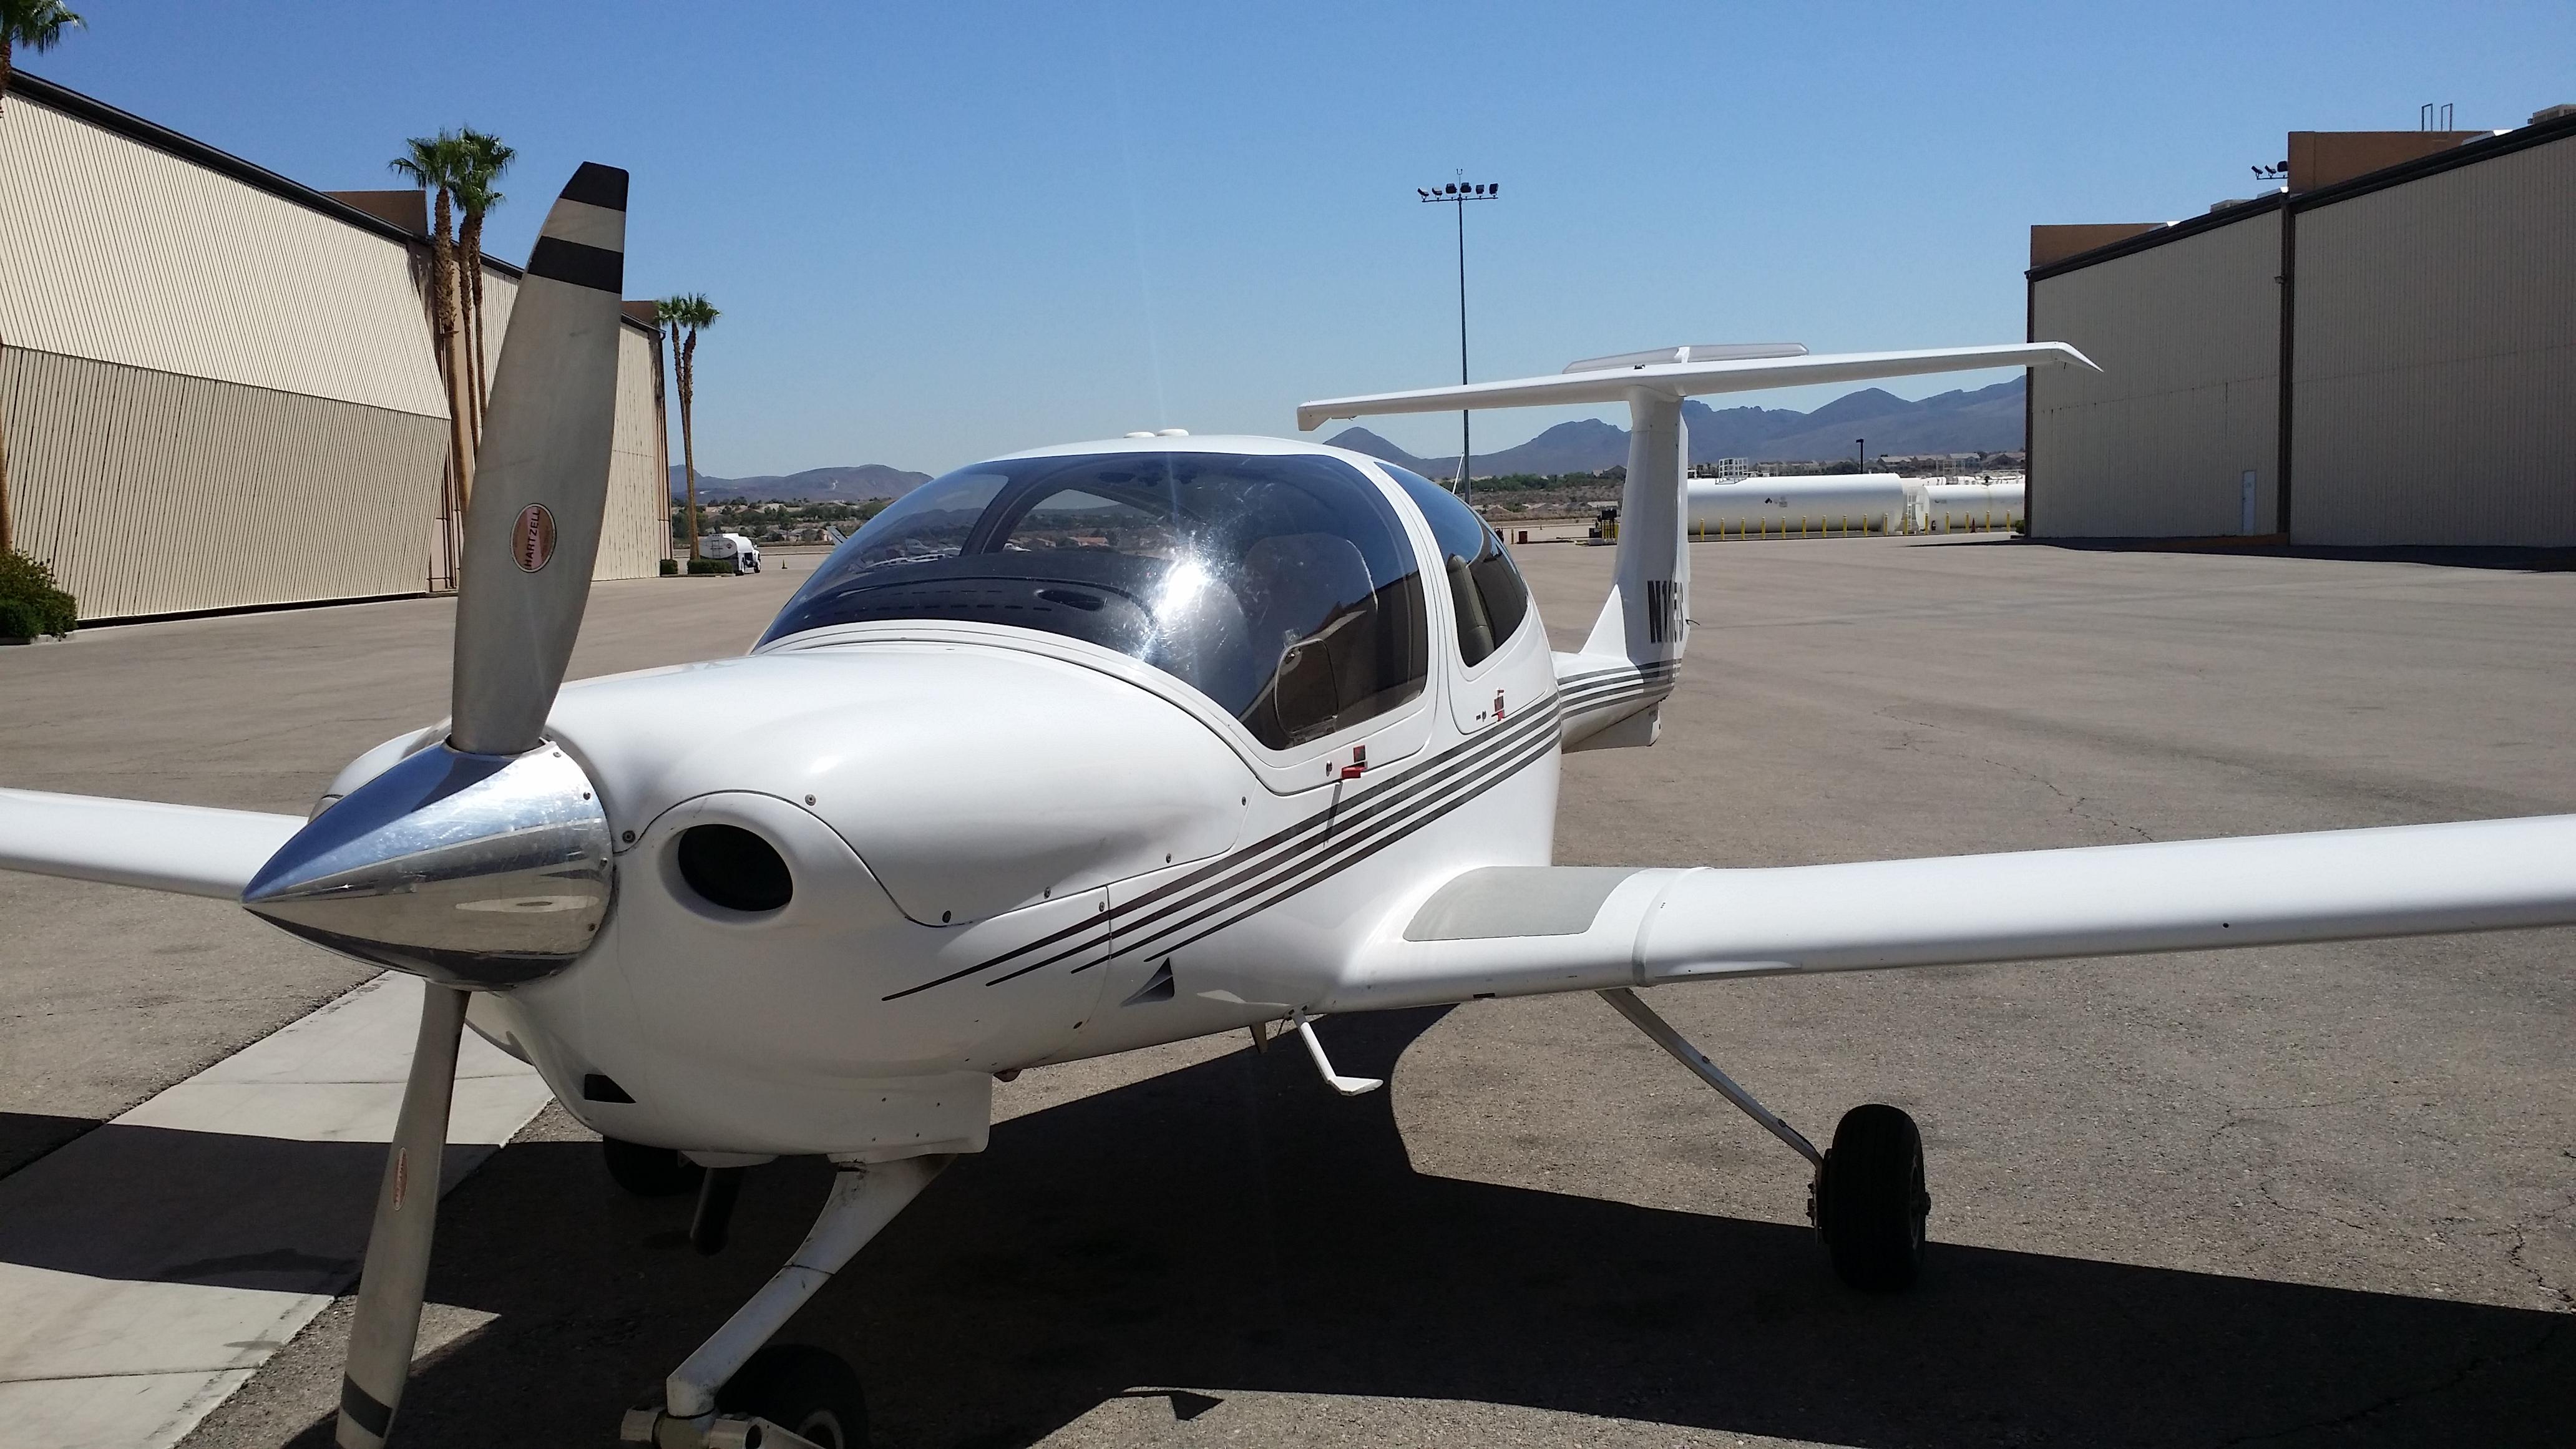 Desert Flying Club Aircraft Rental Las Vegas - Aircraft Fleet